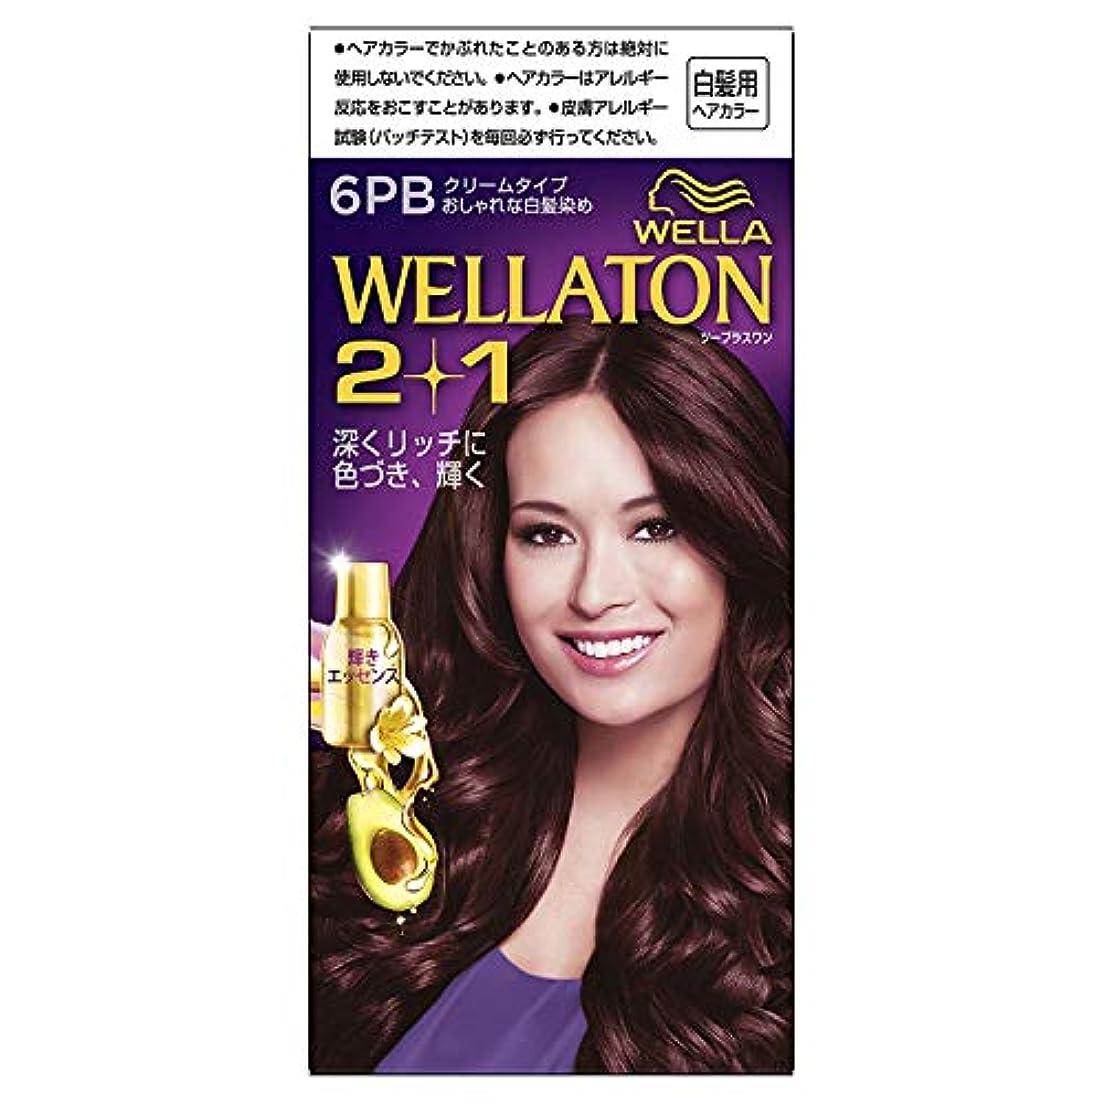 葉機械的に読書をするウエラトーン2+1 クリームタイプ 6PB [医薬部外品]×3個